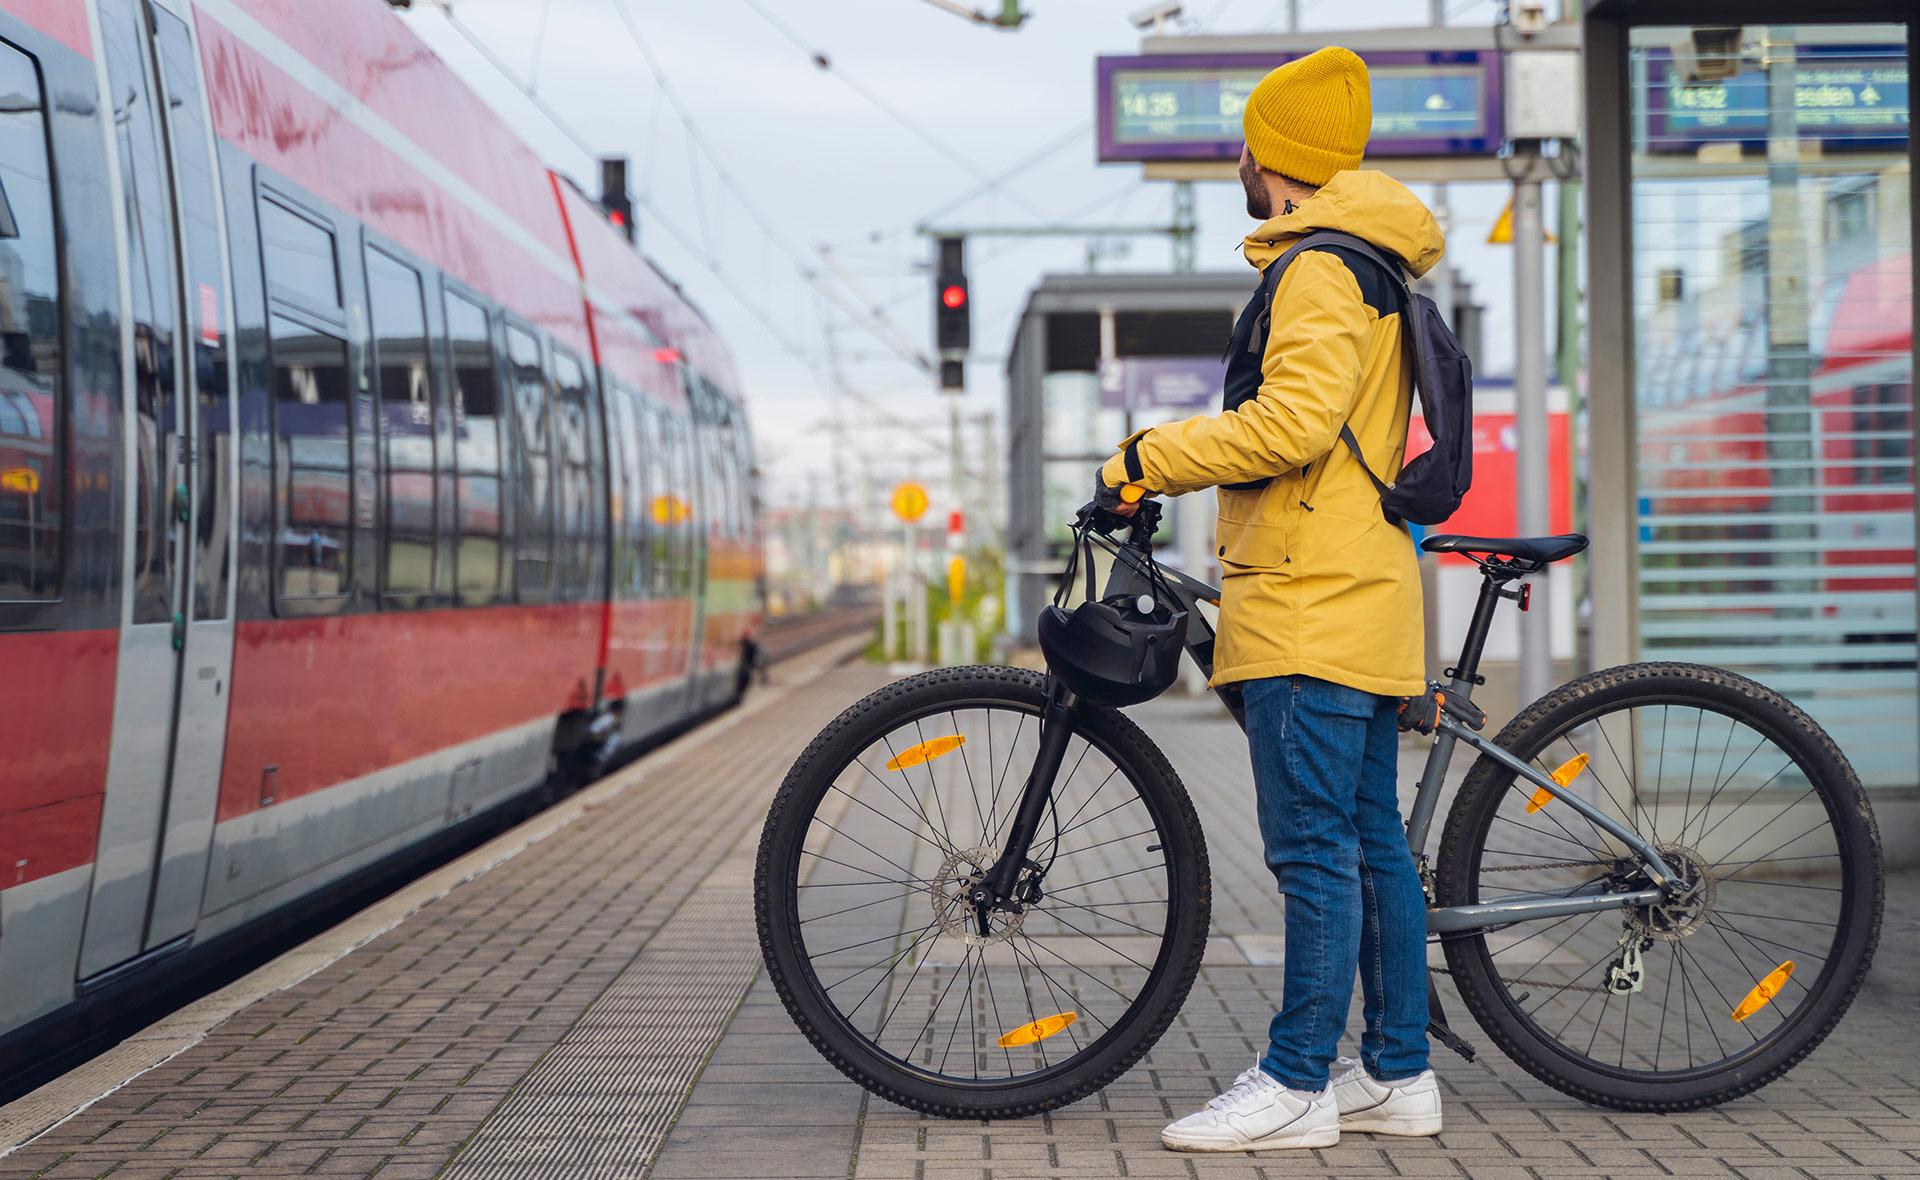 BBVA-alstom-entidad-apoyo-transporte-francés-primera-línea-avales-sostenibles-verde